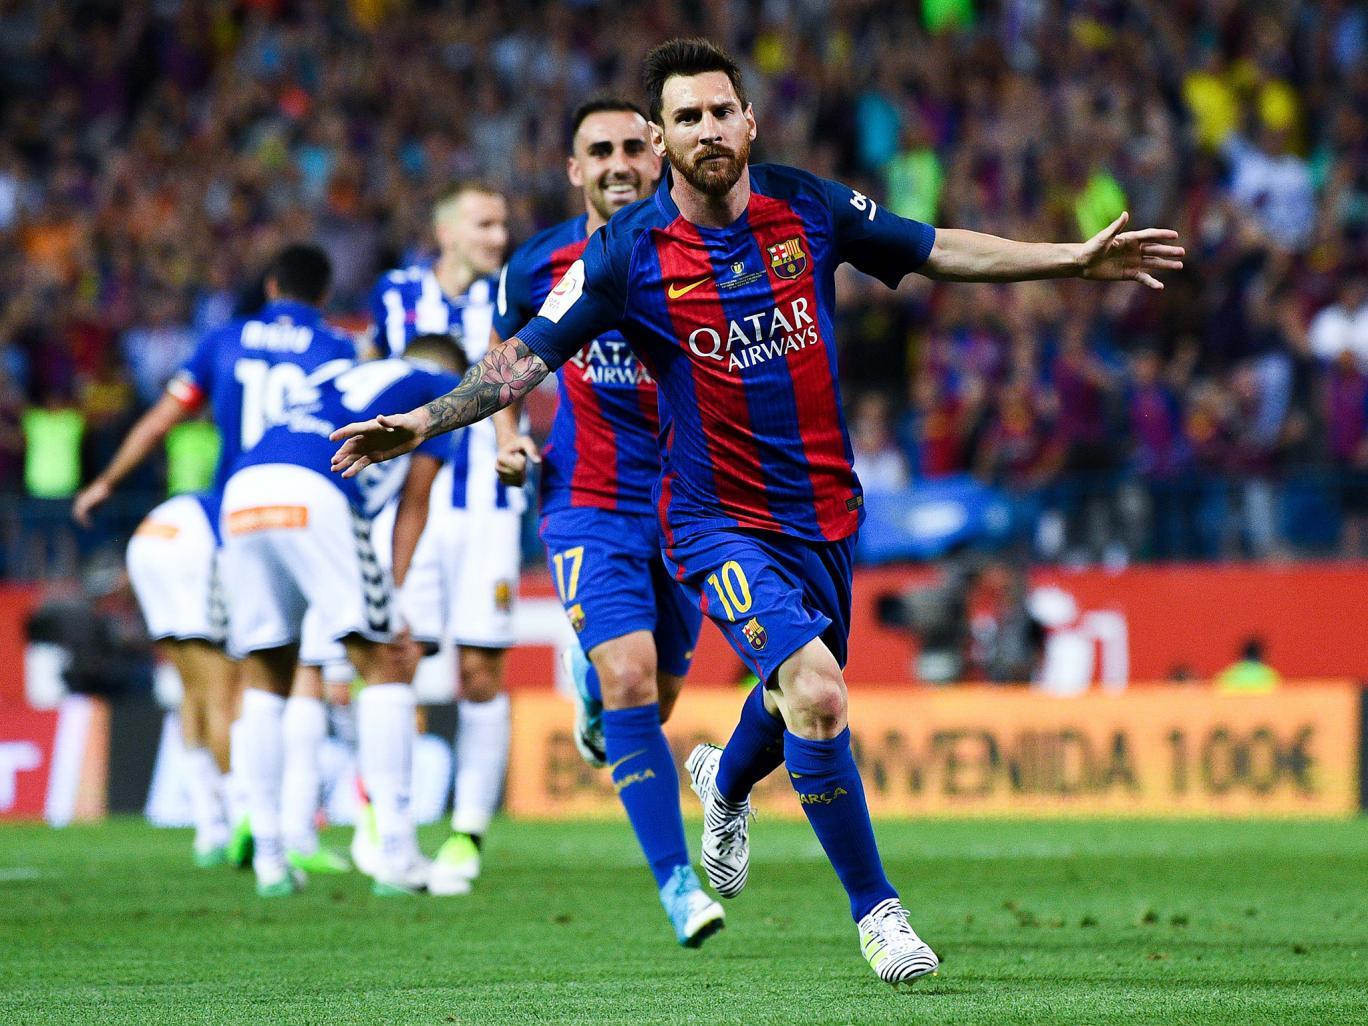 عملکرد مسی بازیکن بارسلونا در دیدار برابر آلاوز؛ پارس فوتبال اولین خبرگزاری فوتبال ایران